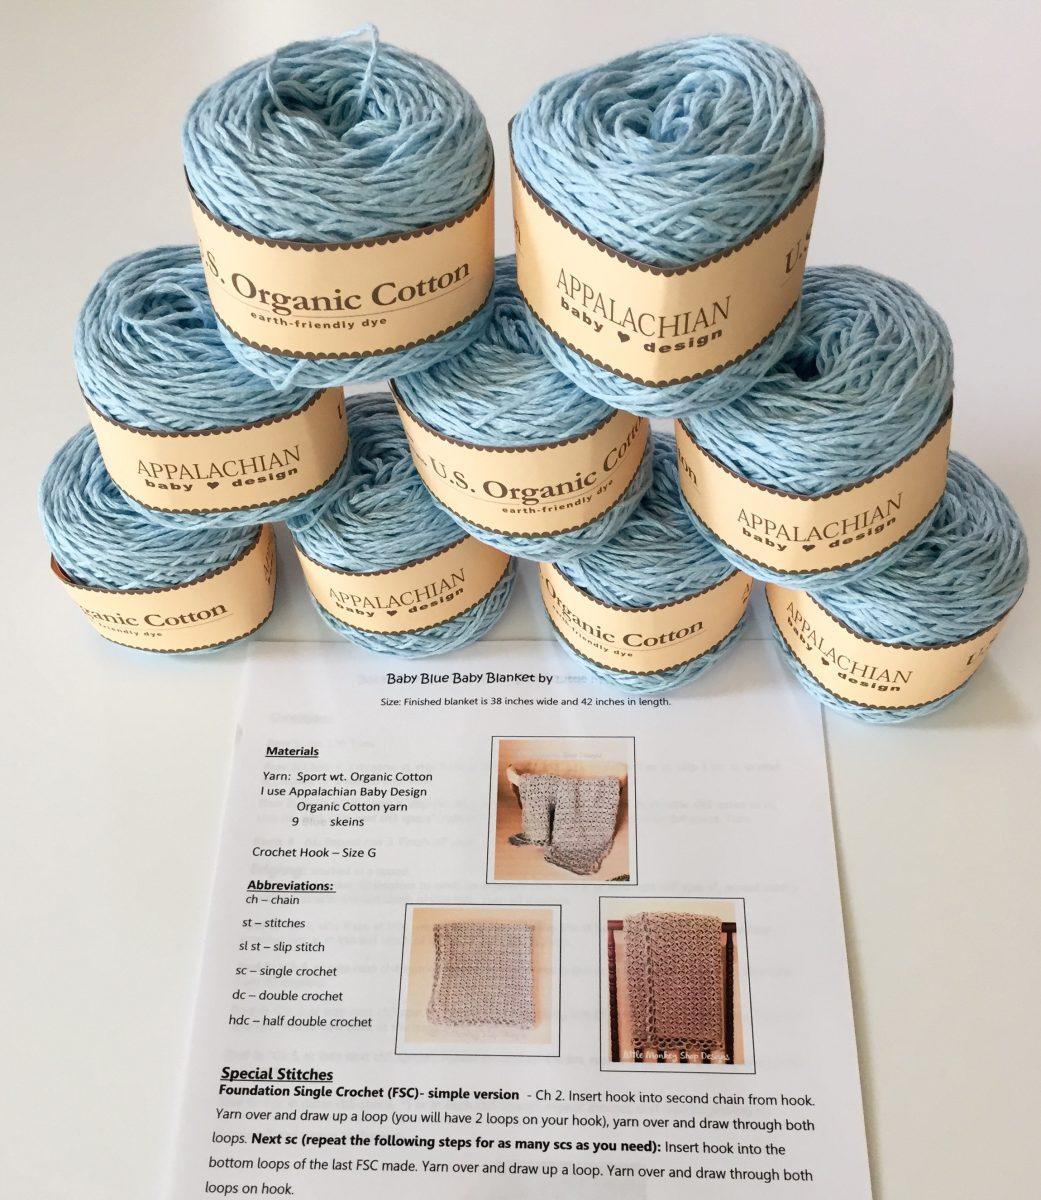 Baby Blue Baby Blanket crochet pattern by little monkeys designs blue diy kit